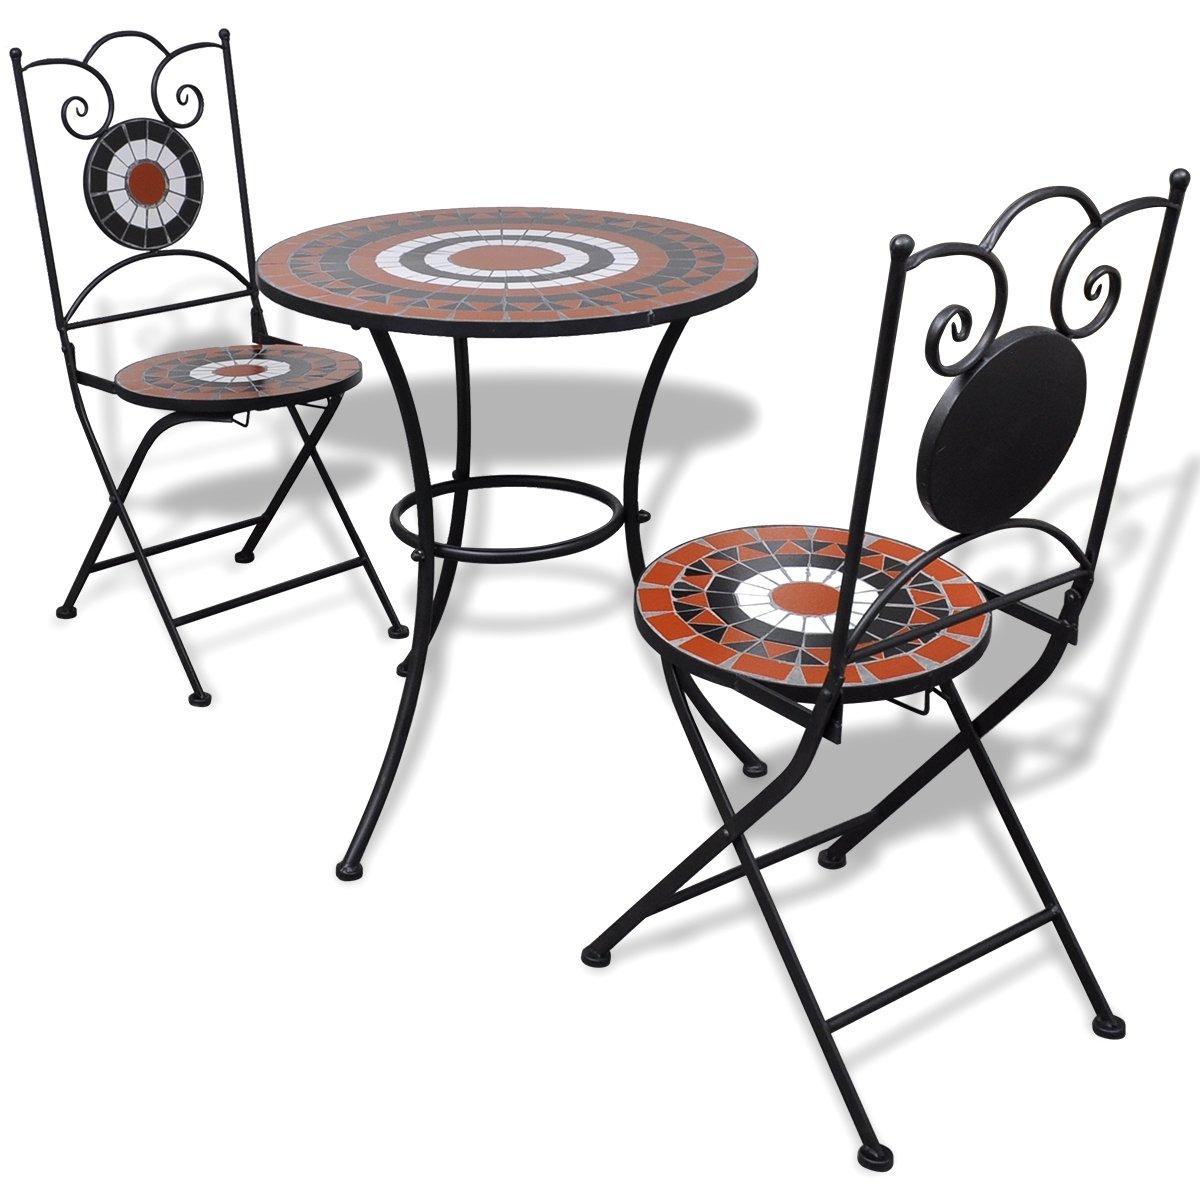 SSITG Mosaik Gartentisch Mosaiktisch MosaikBistrostuhl Sitzgruppe Gartenmöbel Garnitur